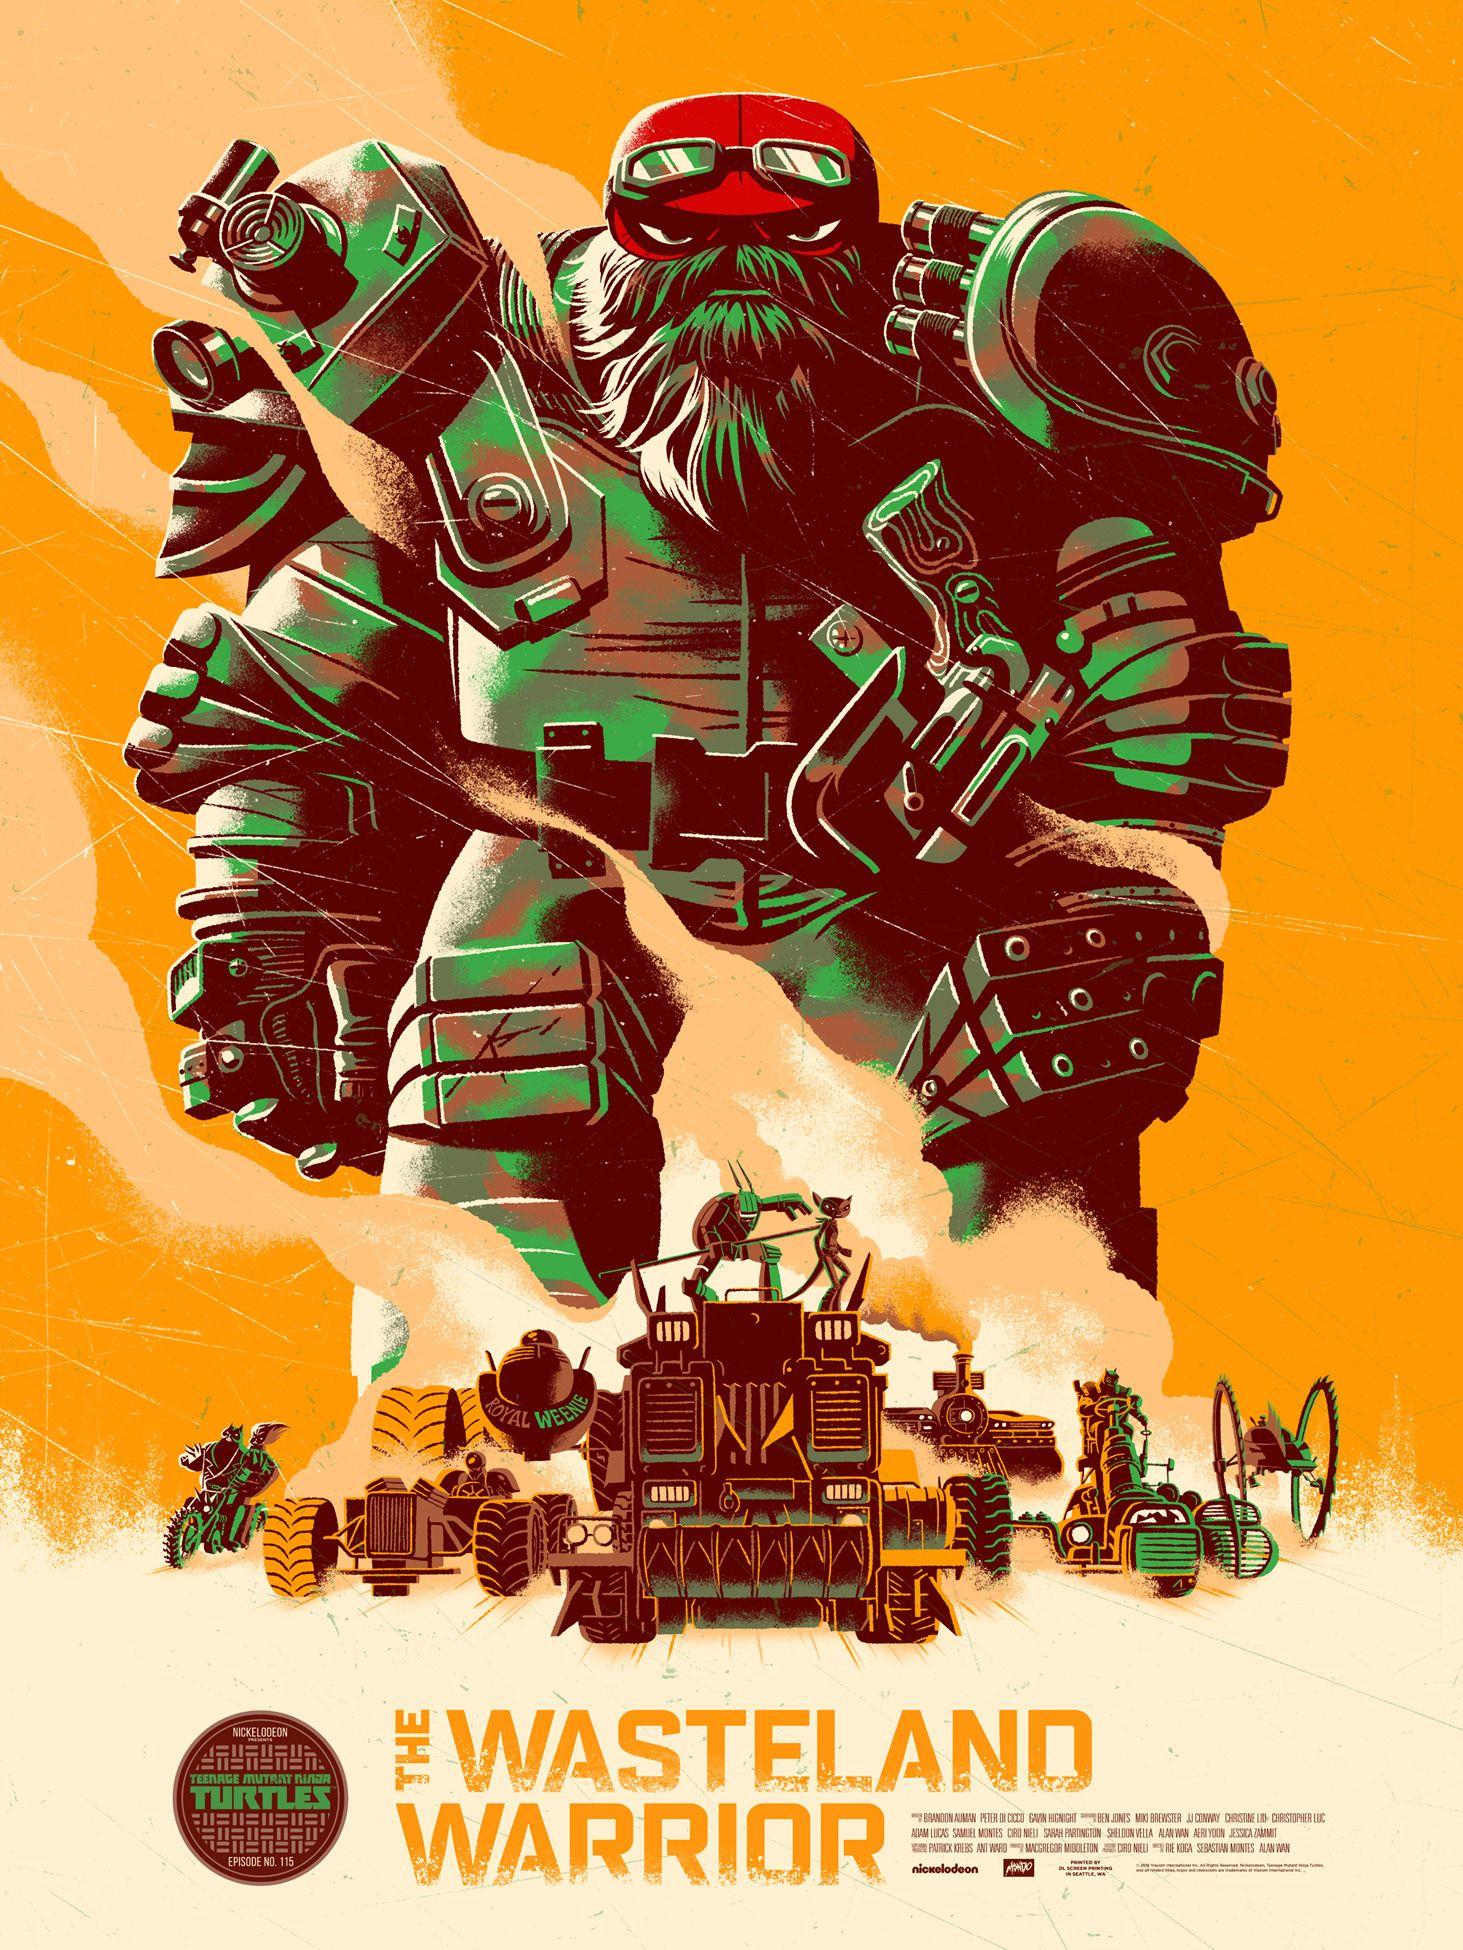 Teenage Mutant Ninja Turtles Mondo Print On Behance Wasteland Warrior Ninja Turtles Poster Prints